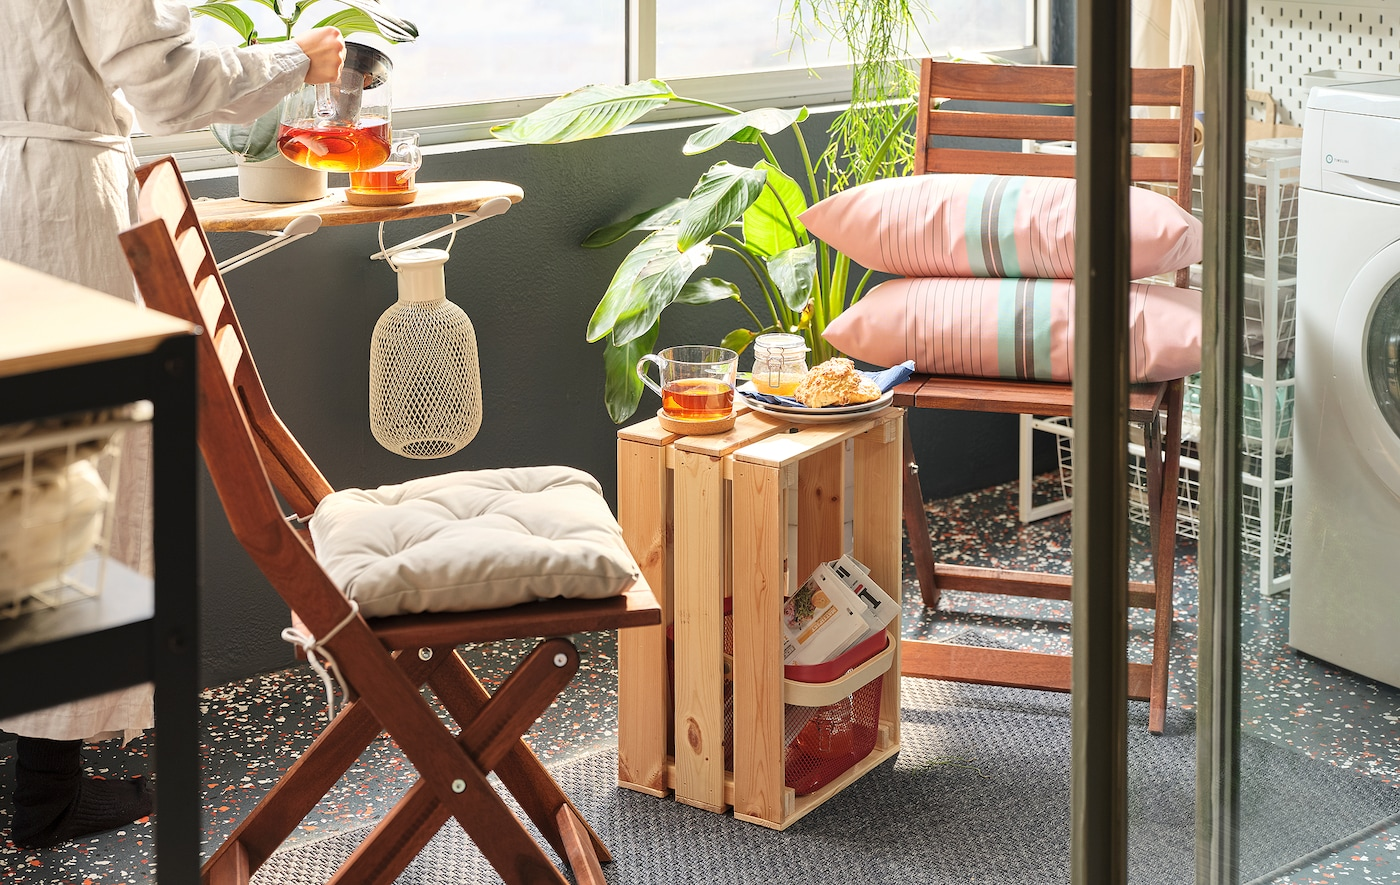 Уголок для отдыха с кофейным столиком, складными стульями и вертикально стоящим ящиком КНАГГЛИГ, который служит в качестве небольшой подставки.